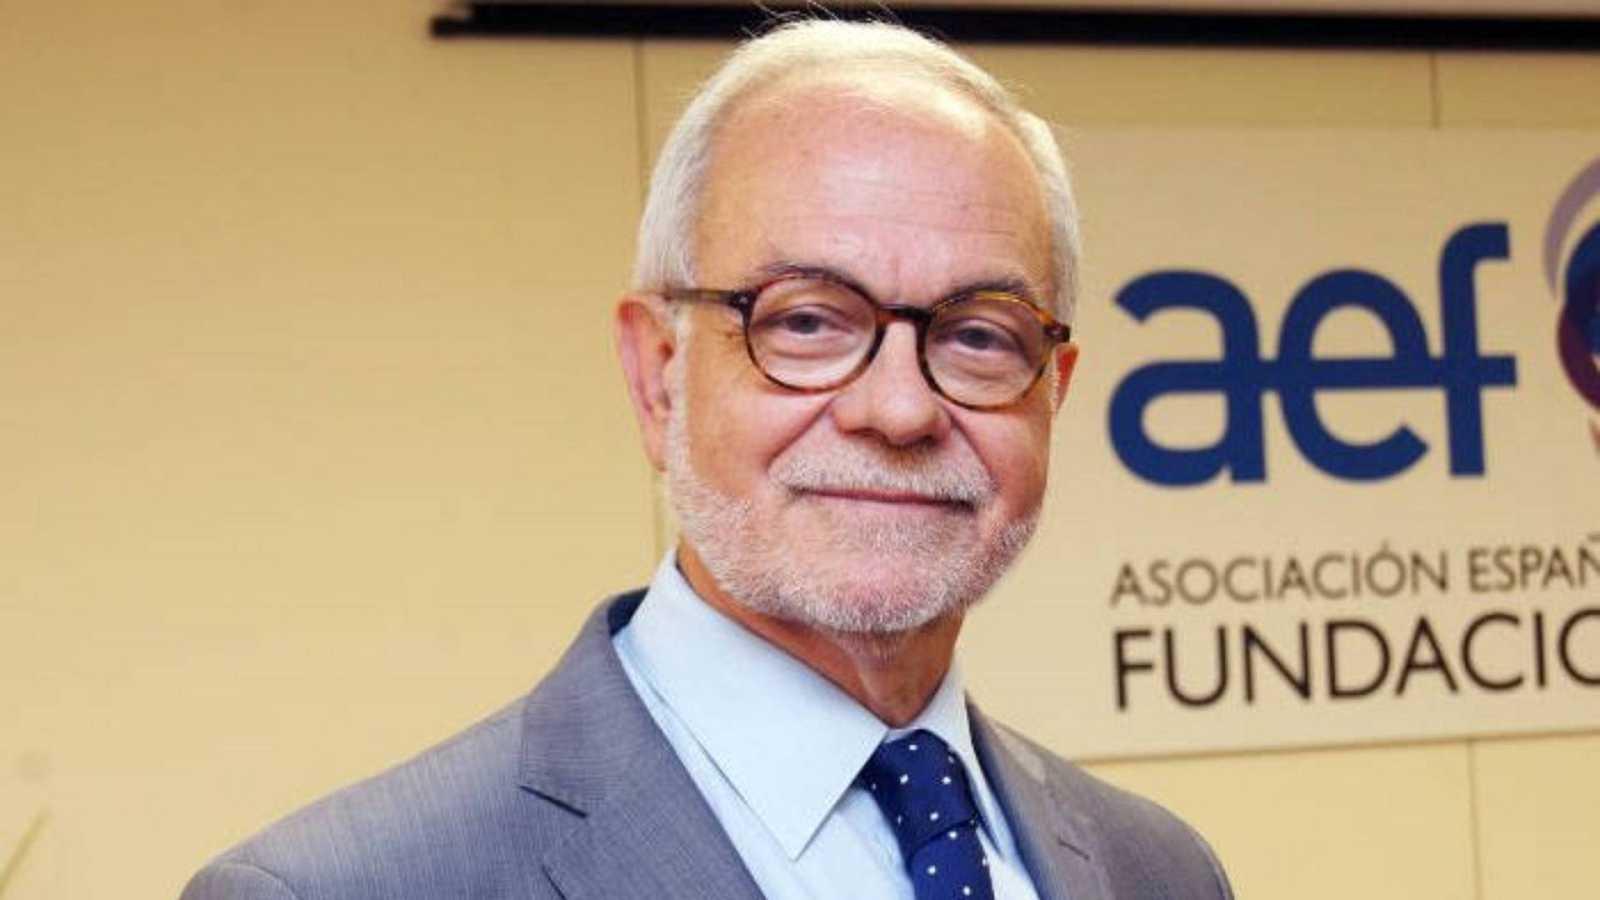 Alianza 2030 - Fundaciones españolas ante la pandemia - 08/11/20 - Escuchar ahora